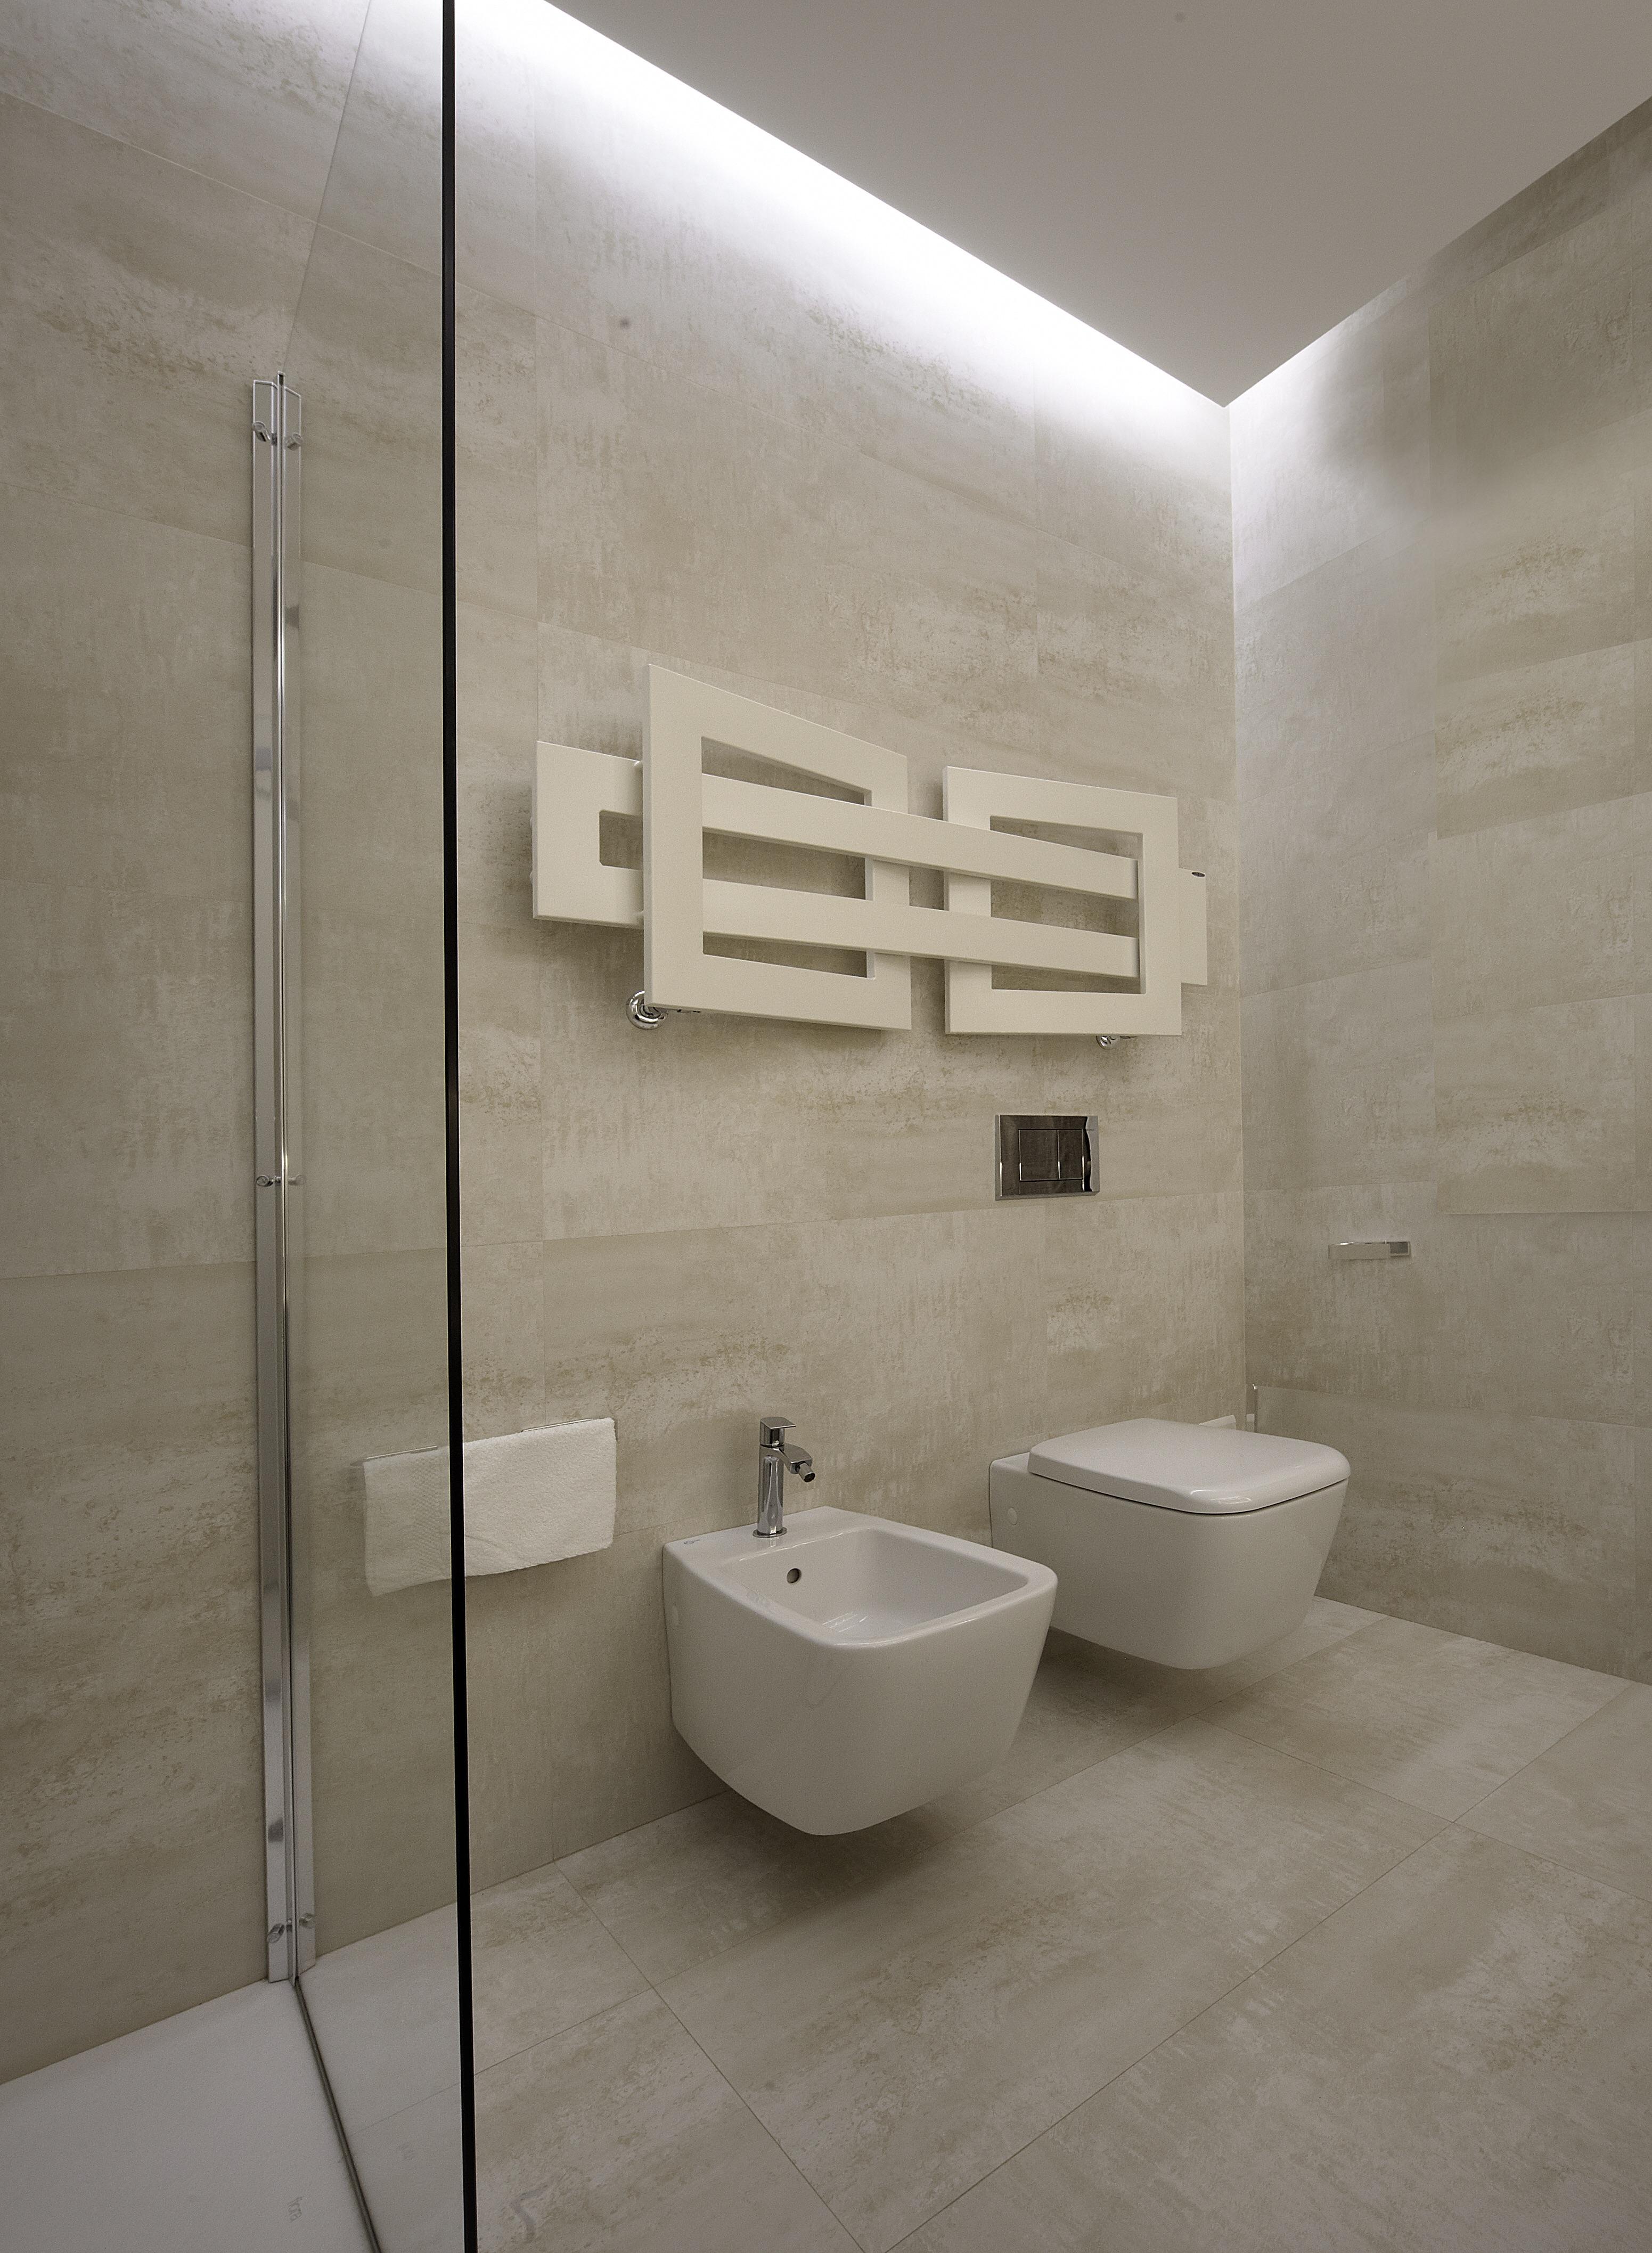 Termoarredo bagno moderno la scelta giusta variata sul for Termoarredo bagno piccolo